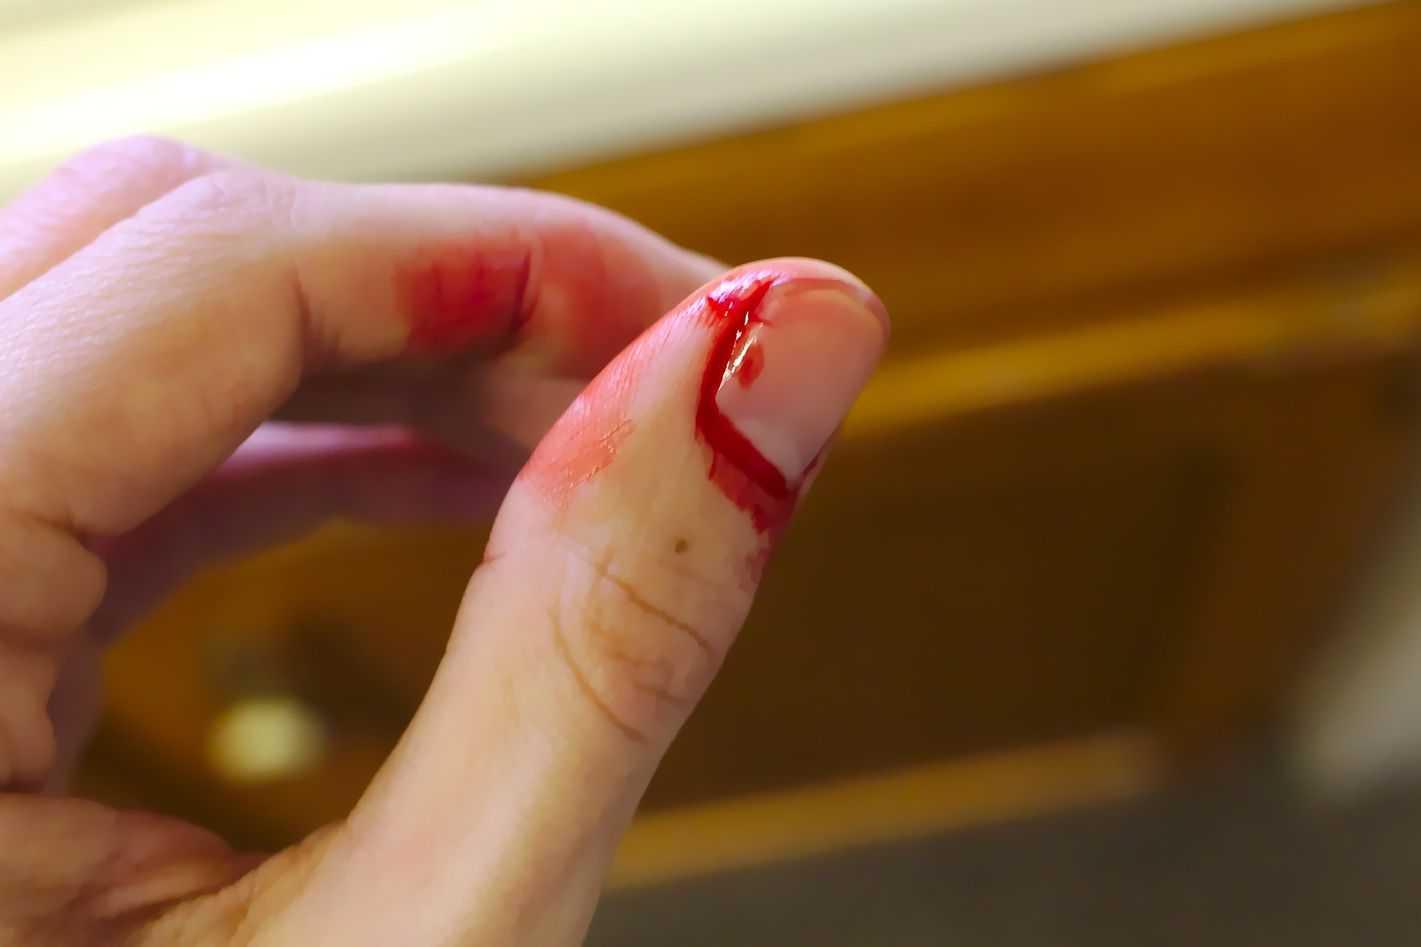 Sangramento vaginal em criança